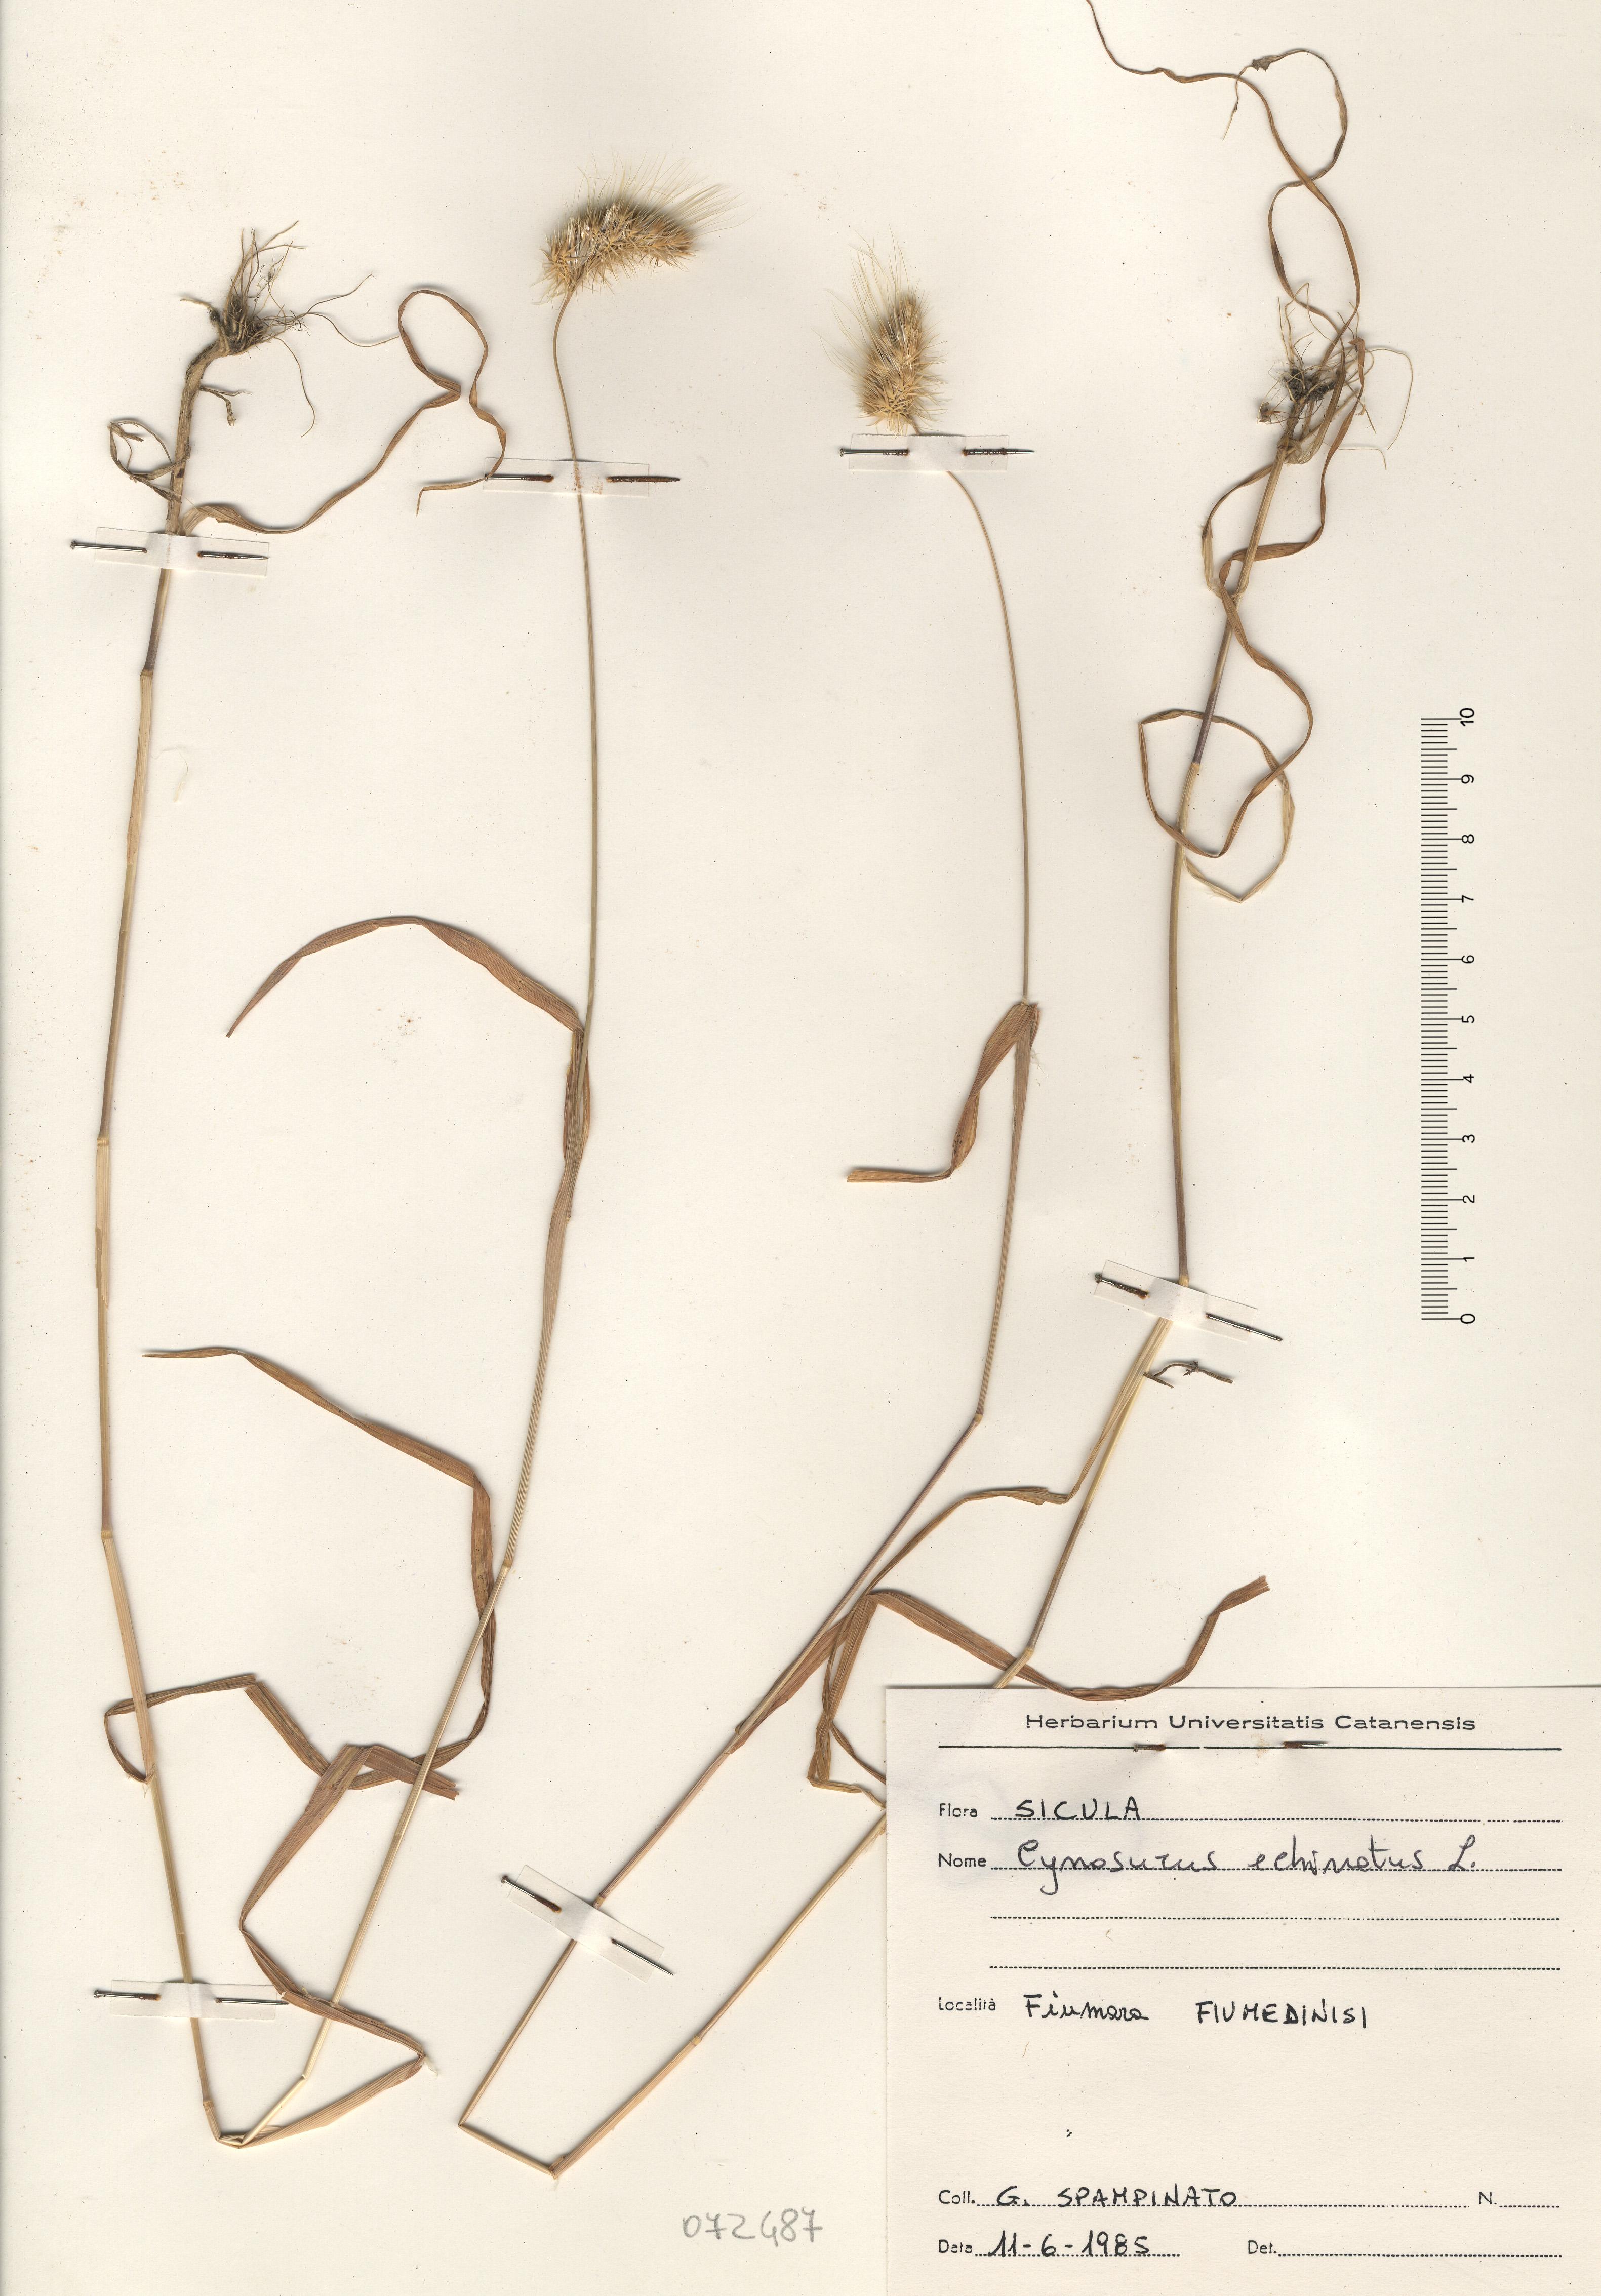 © Hortus Botanicus Catinensis - Herb. sheet 072487<br>